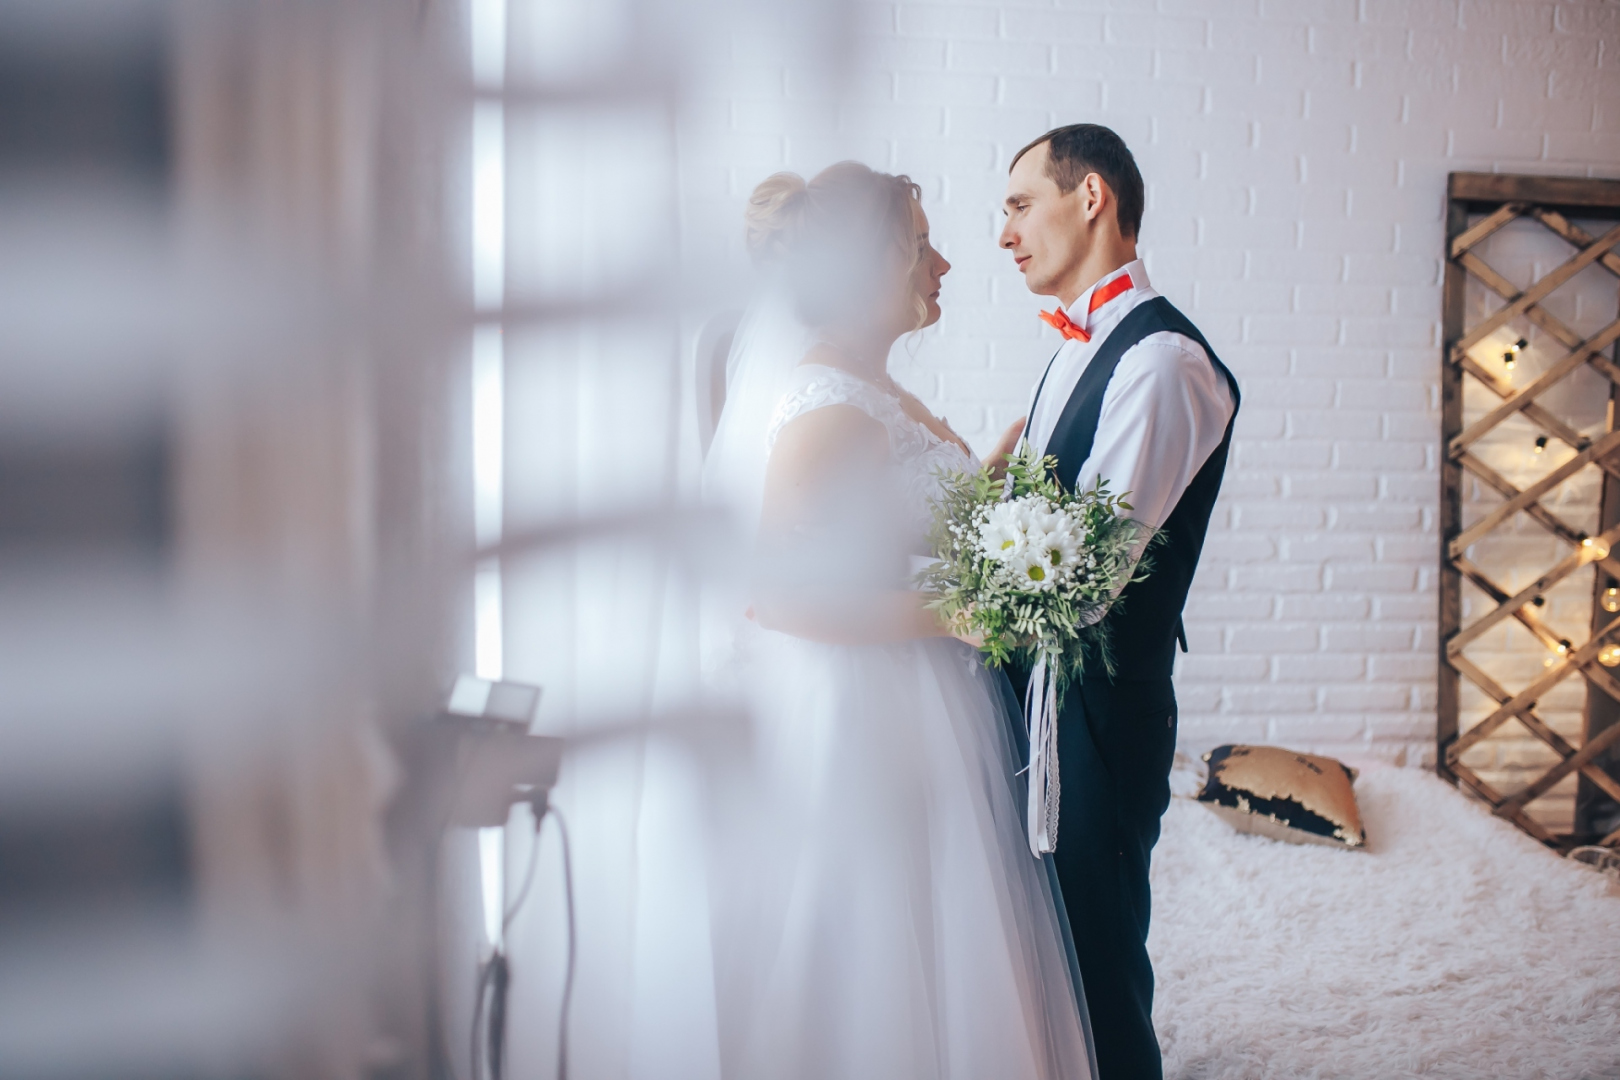 свадебные фотографы в железнодорожном мышечные клетки сосочкового